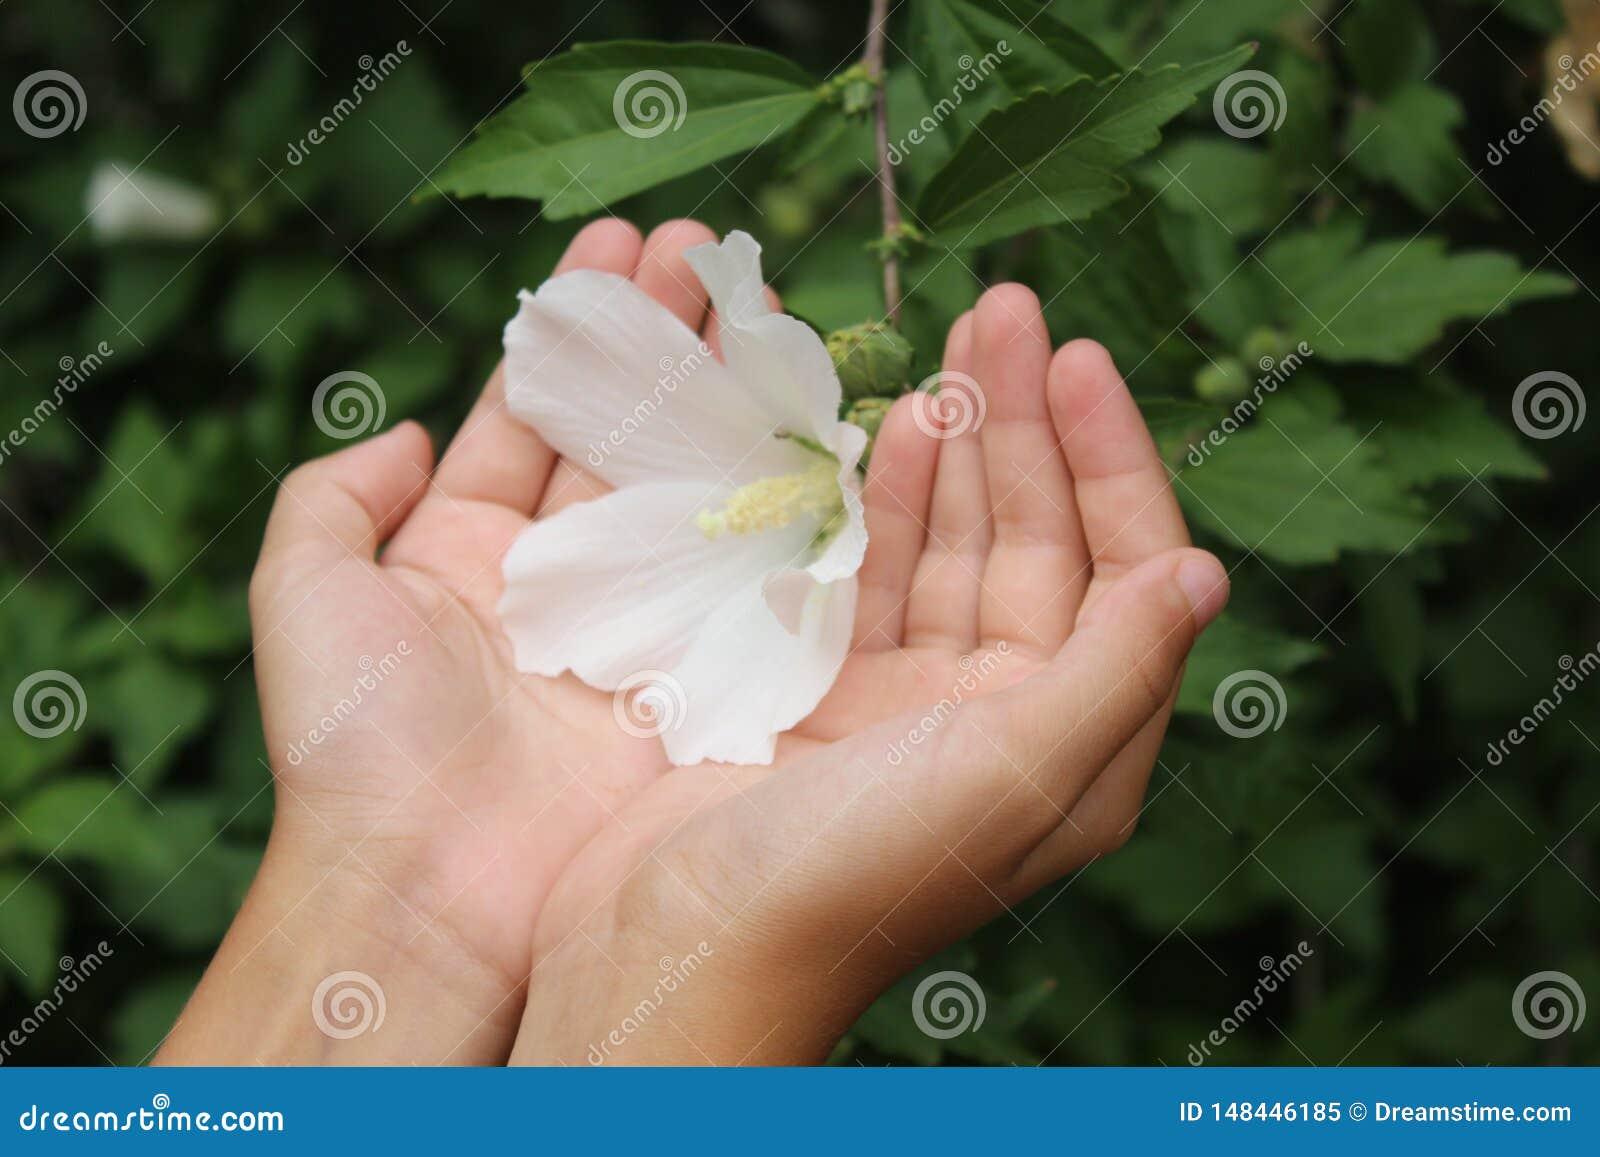 Sch?ne Blume in der Hand